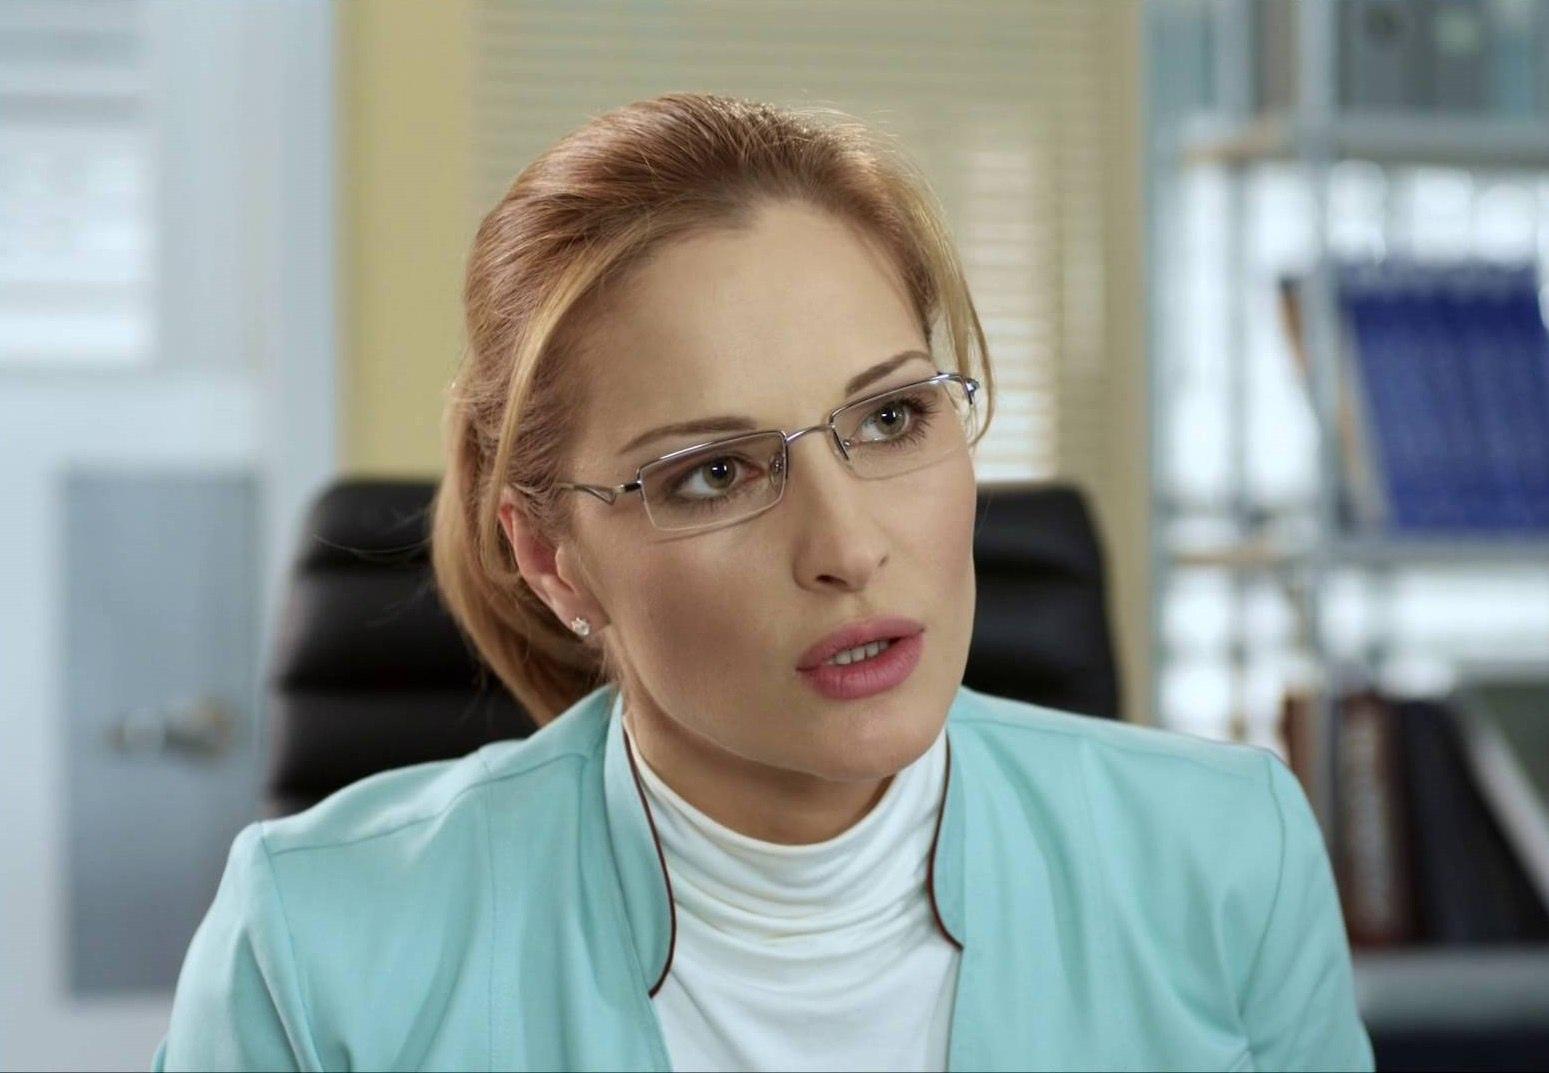 Сегодня свой день рождения отмечает Гогаева Нина Петровна.